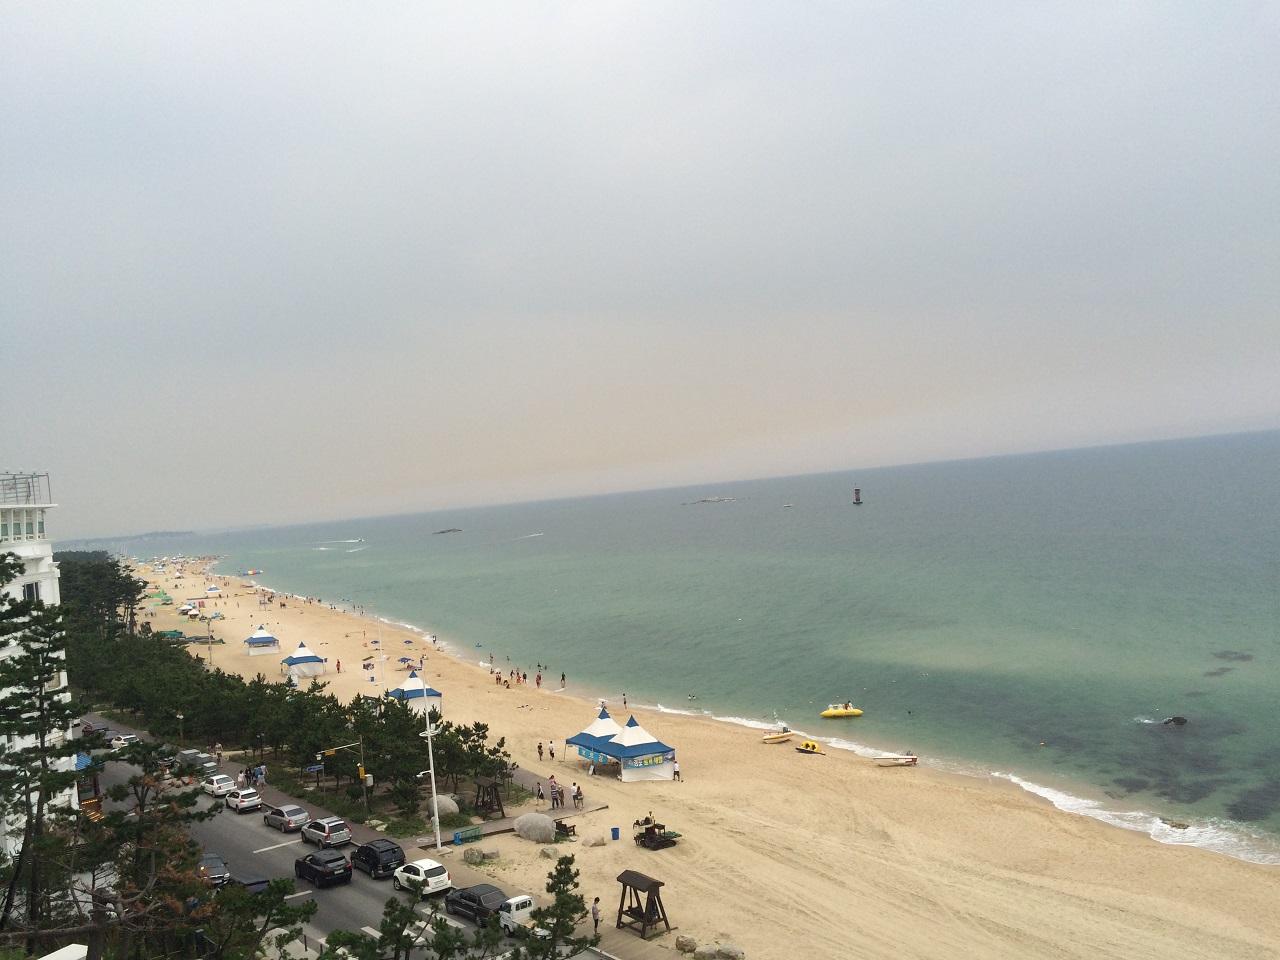 경포해변 해안가의 건물들이 정비되어 몰라보게 깨끗해졌다